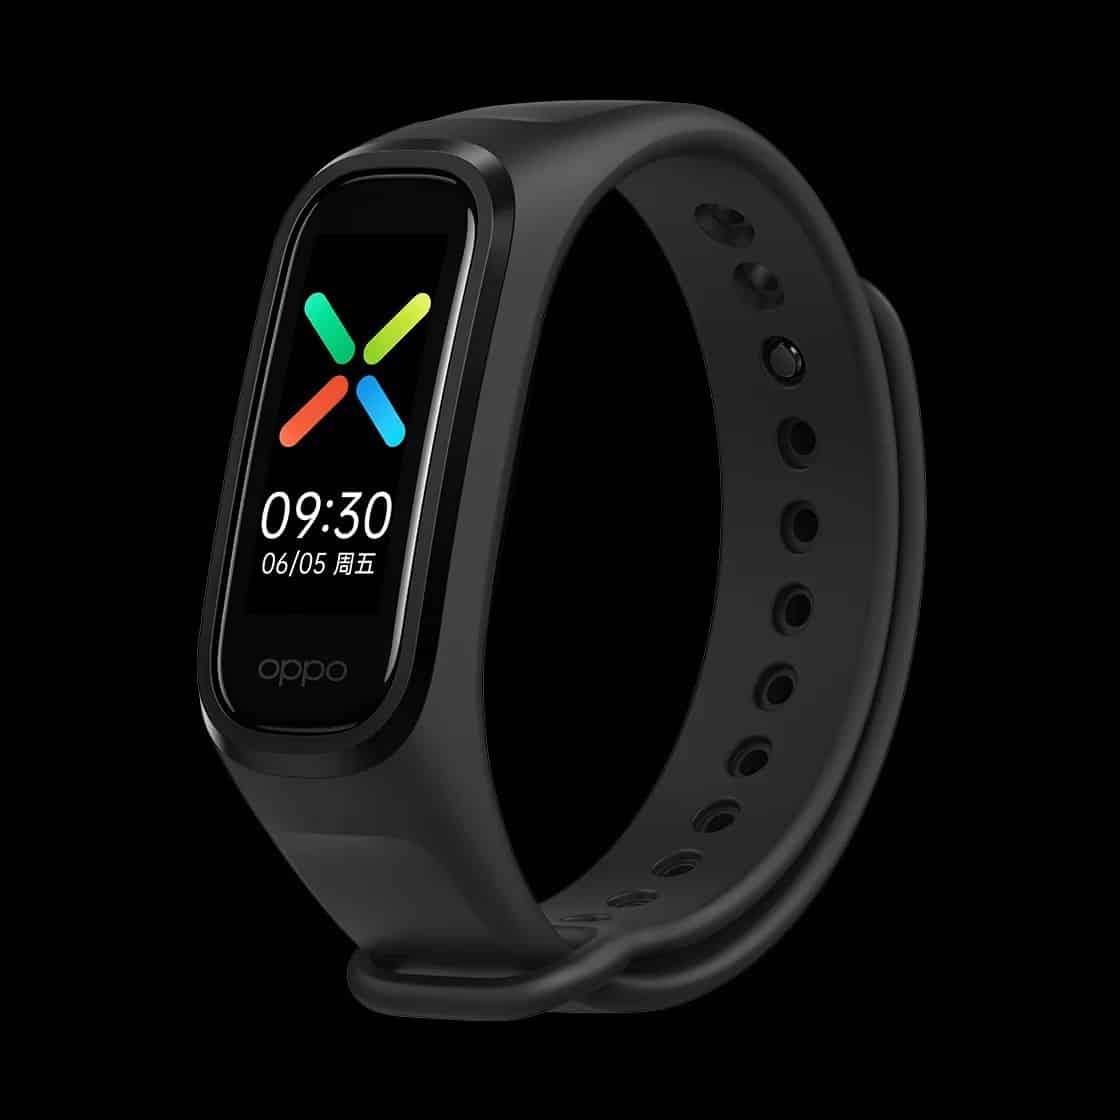 Oppo Band fitness bileklikleri tanıtıldı, Oppo TV yolda